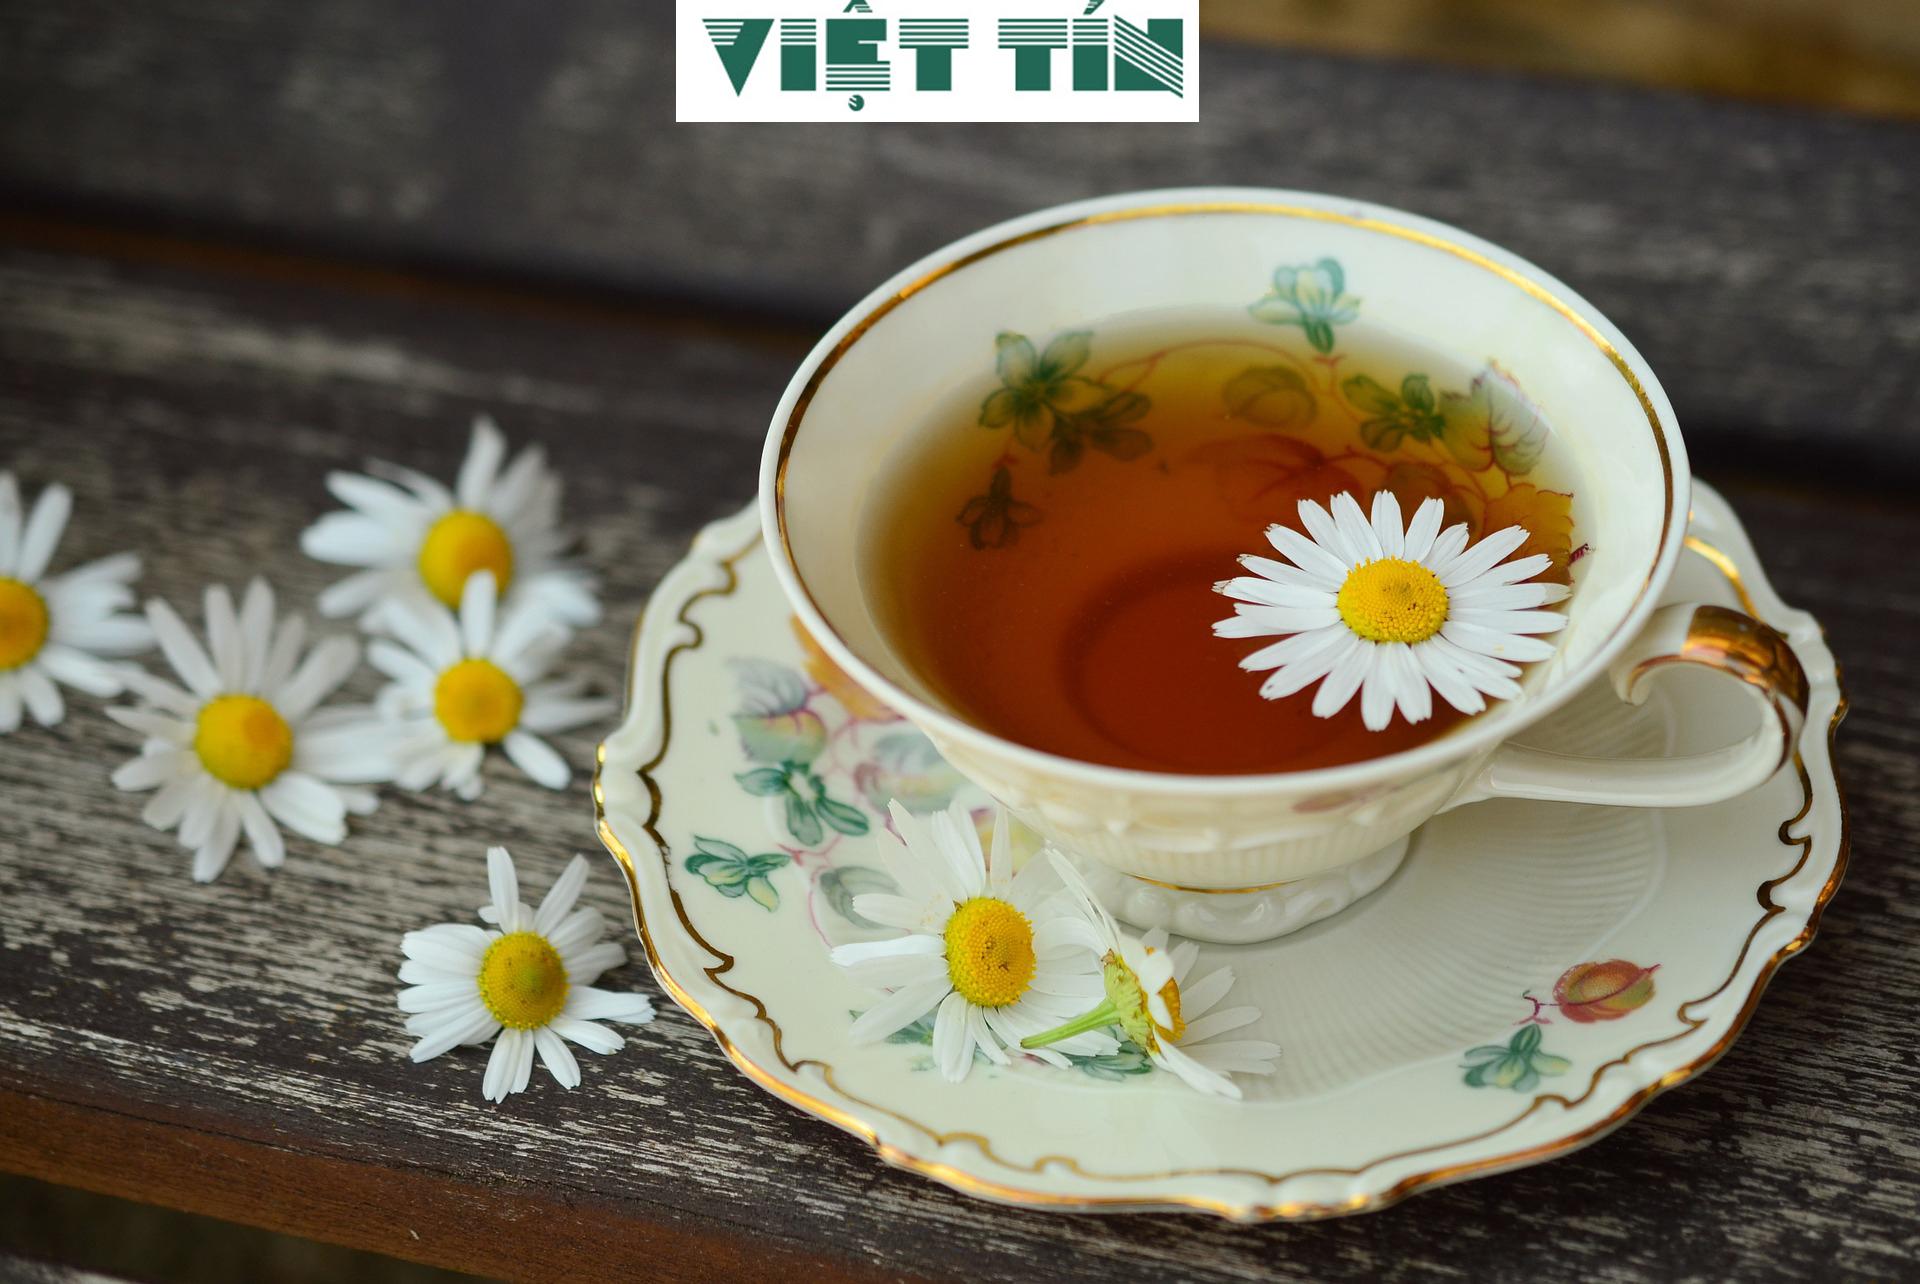 Công bố sản phẩm trà nhập khẩu